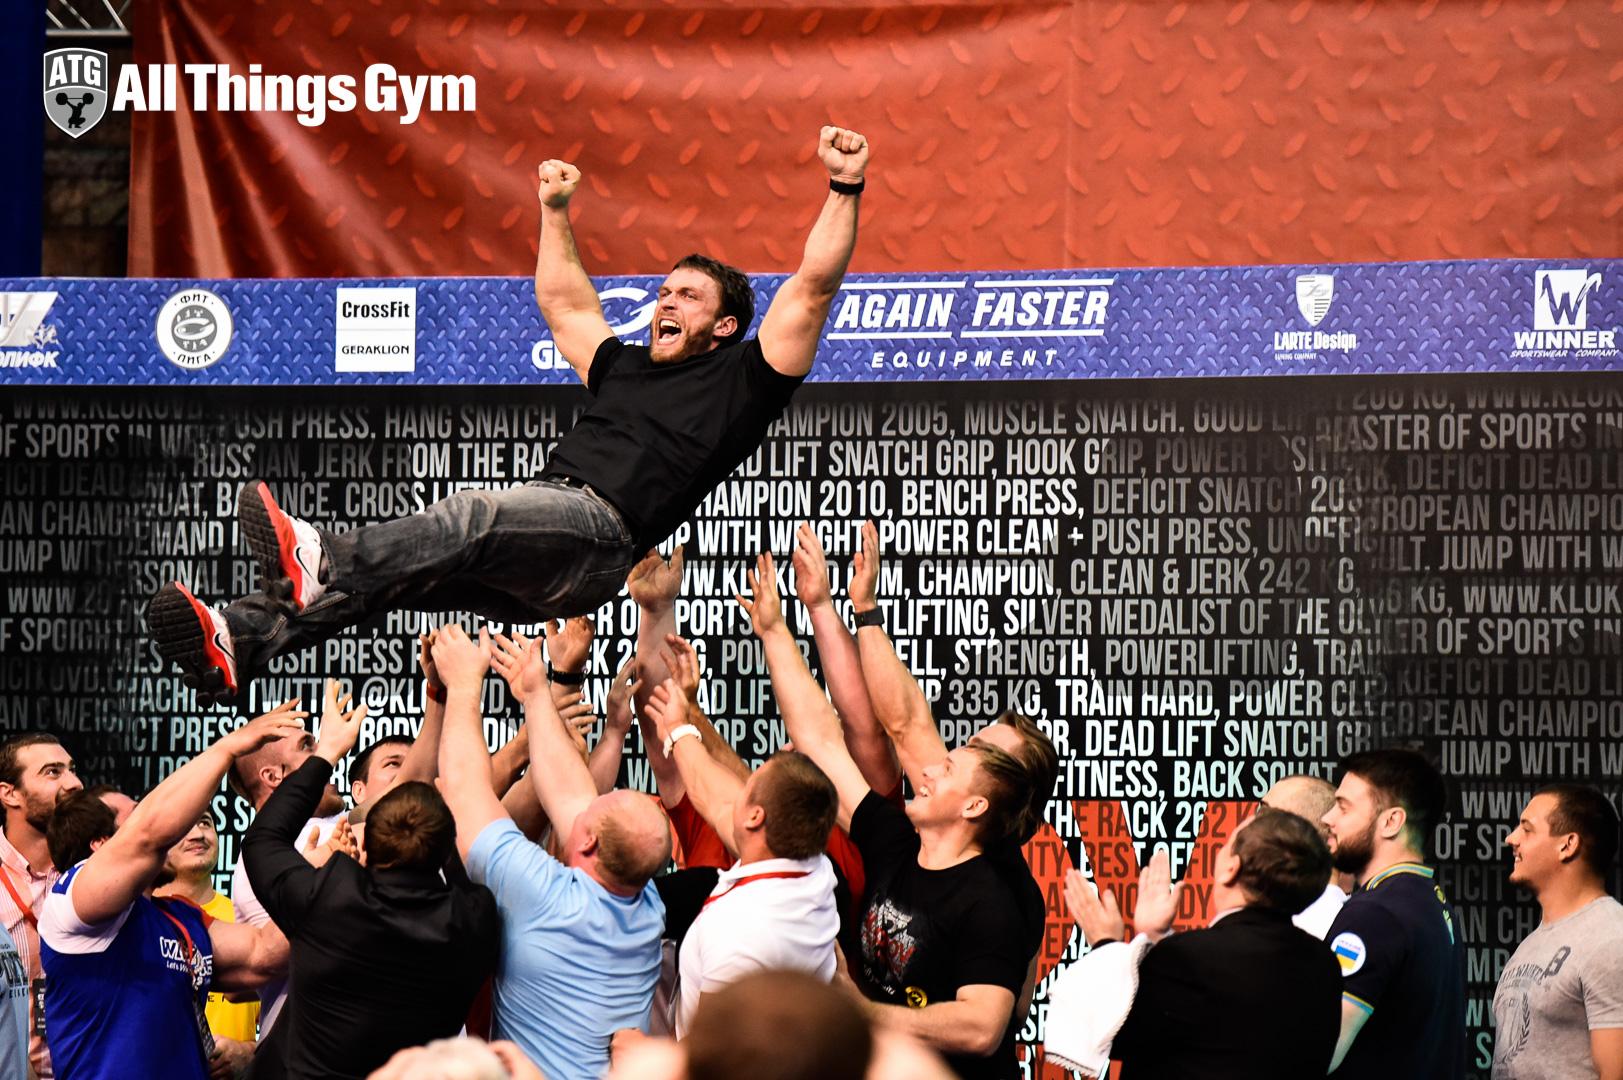 Dmitry Klokov Flying